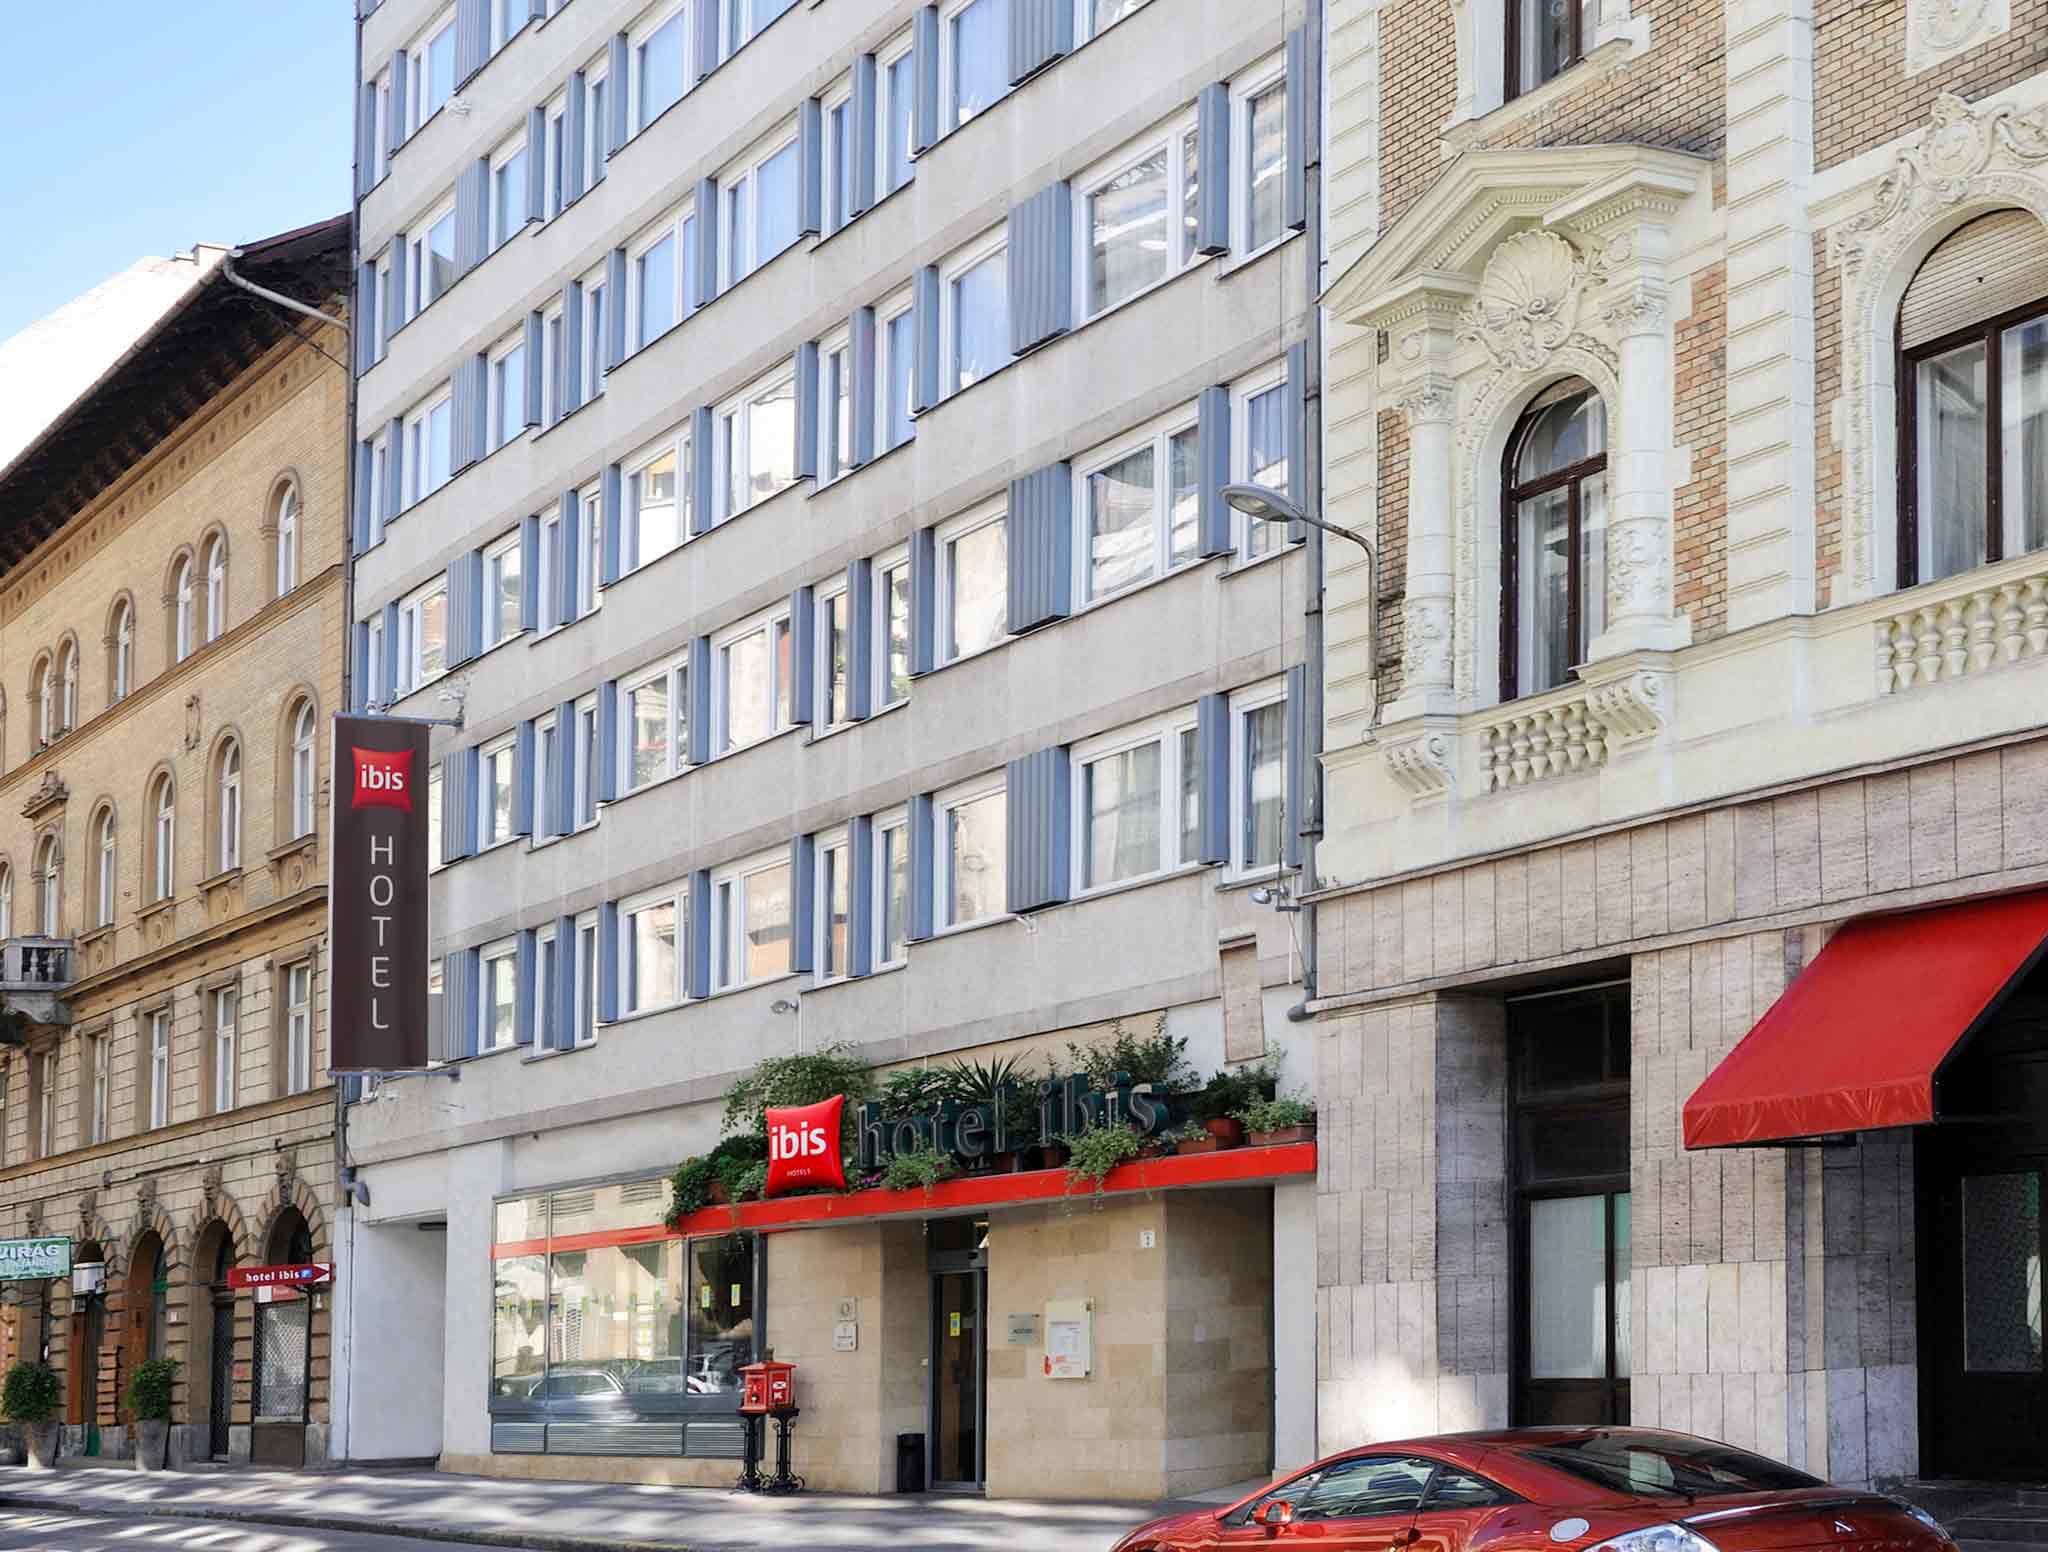 ホテル – イビスブダペストシティ